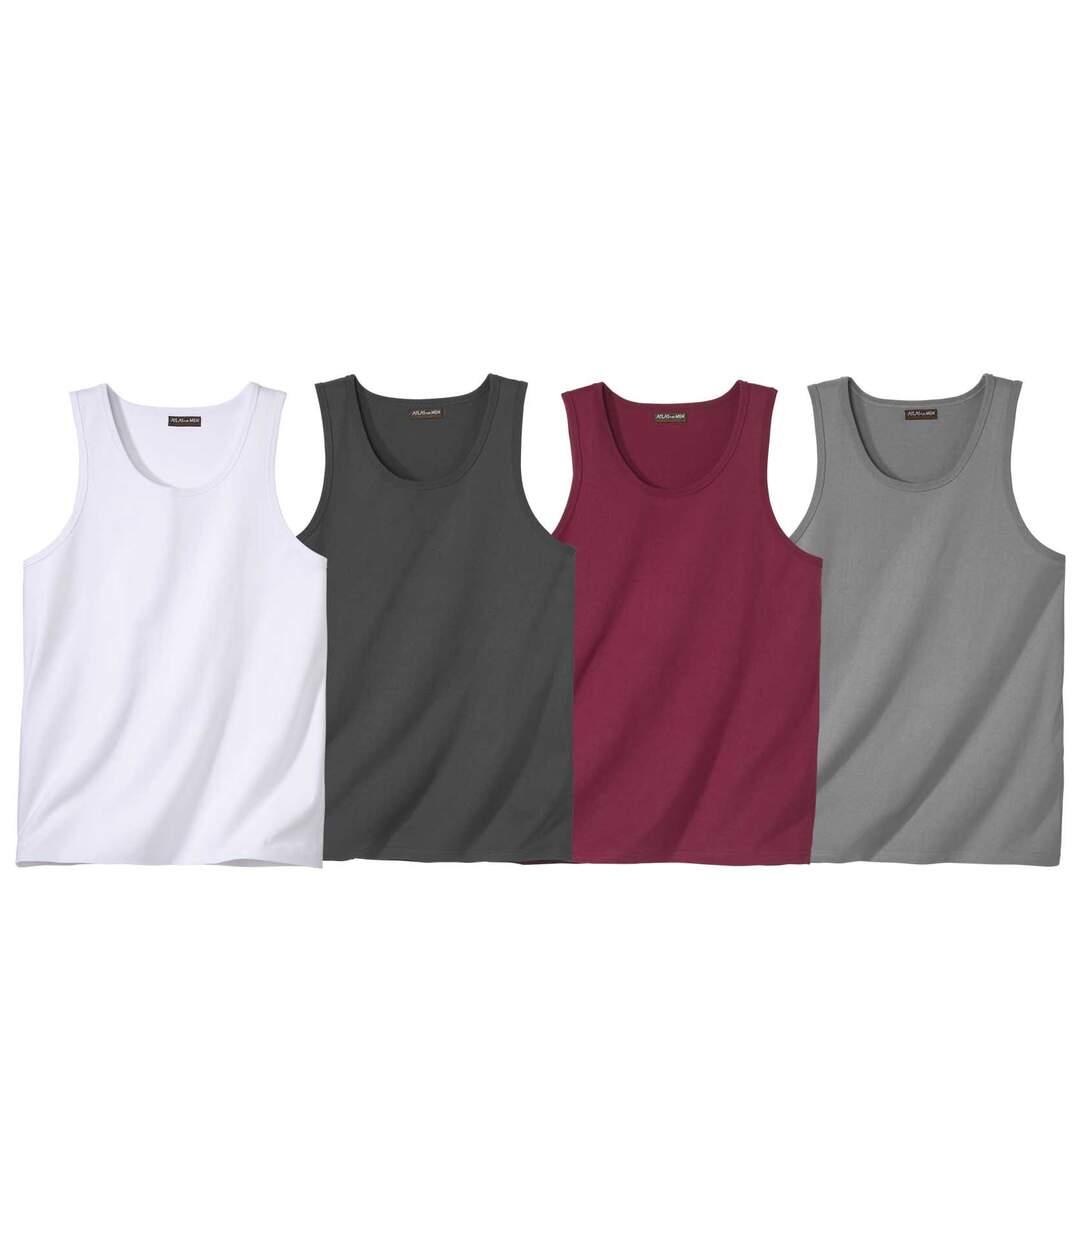 Pack of 4 Men's Montana Road Vest Tops - Burgundy White Grey